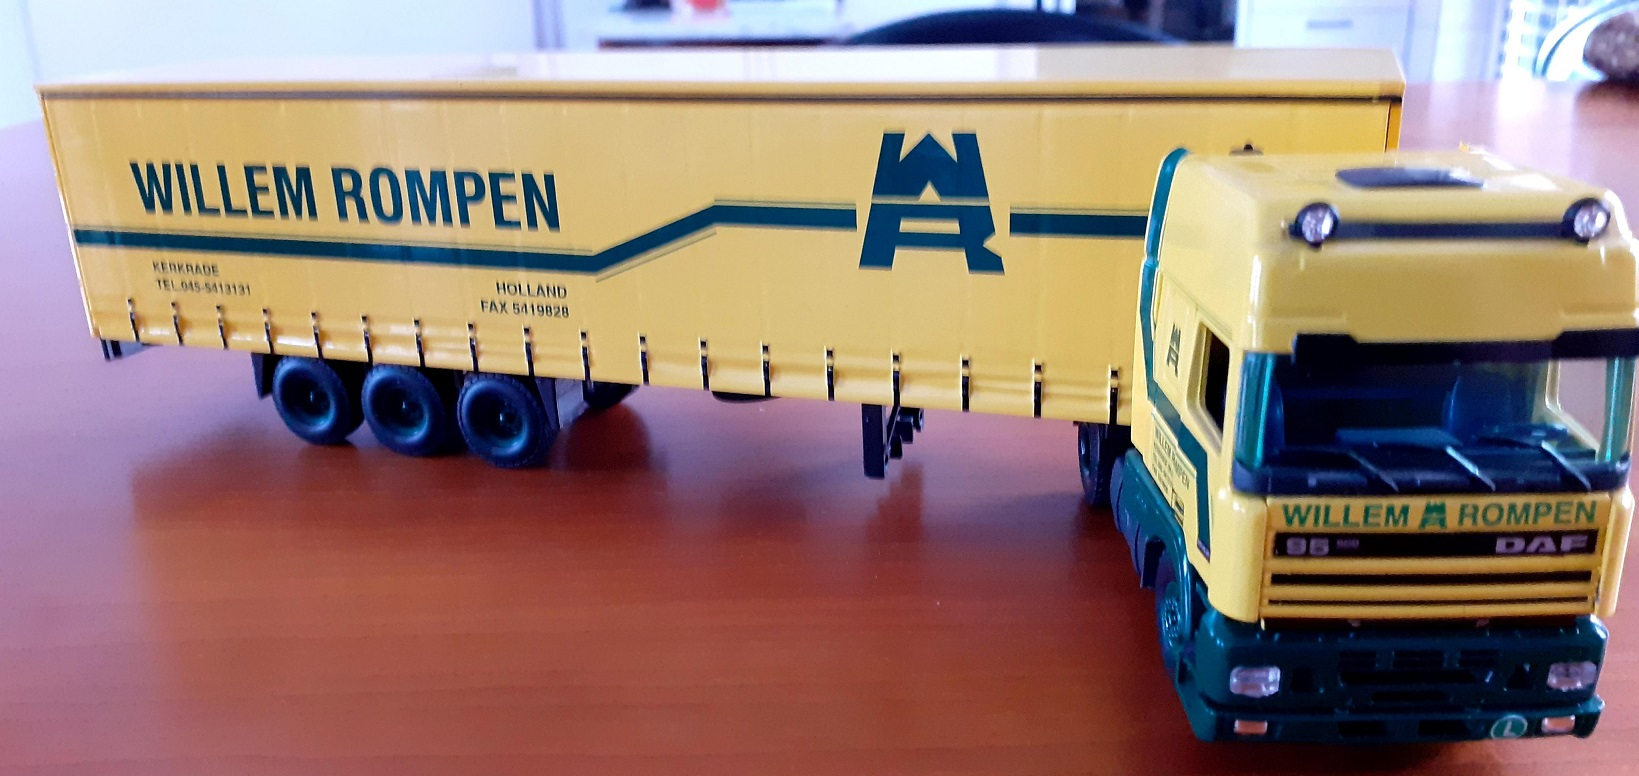 Willem-Rompen-Xavier-Walstock-berwerkte-delen-modellen-(14)